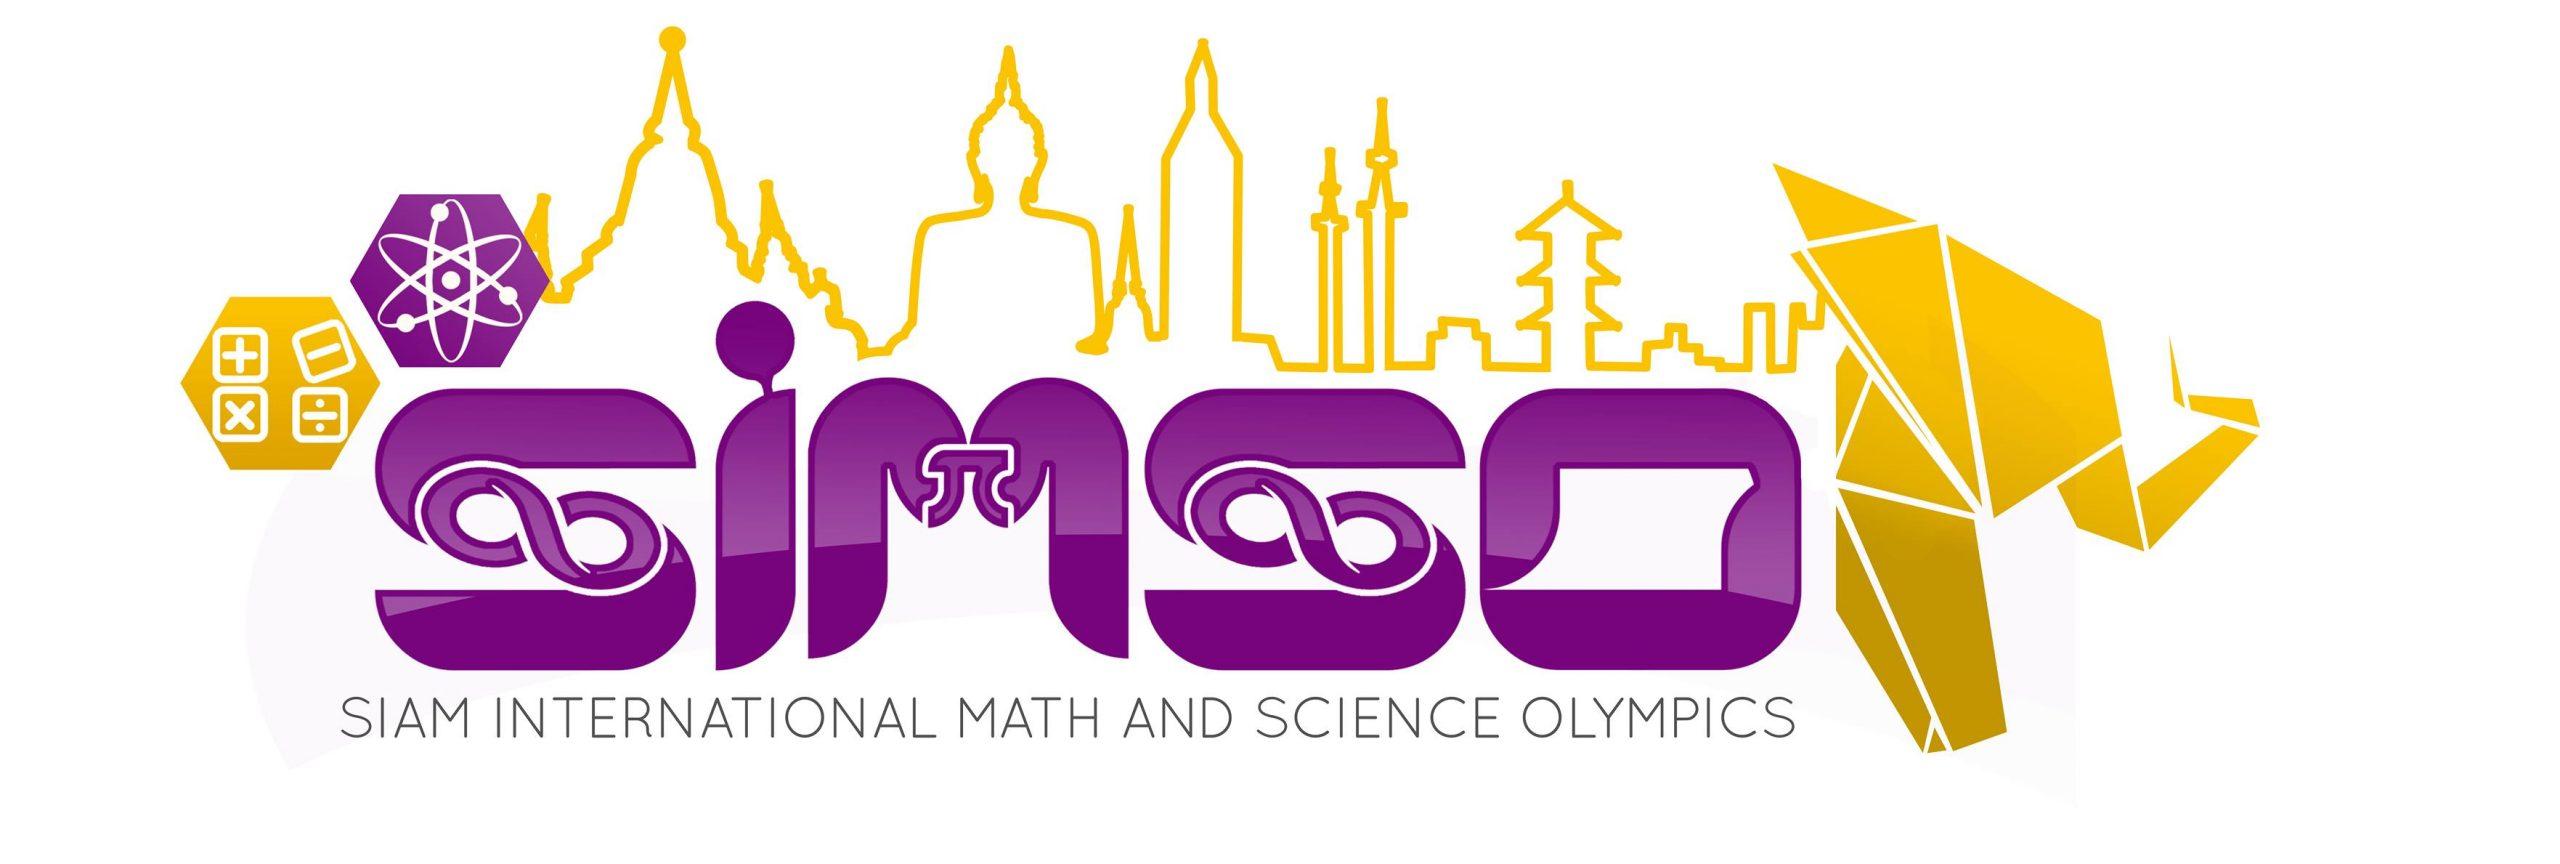 [MỞ ĐĂNG KÝ] KỲ THI OLYMPIC TOÁN VÀ KHOA HỌC QUỐC TẾ SIMSO 2021-2022